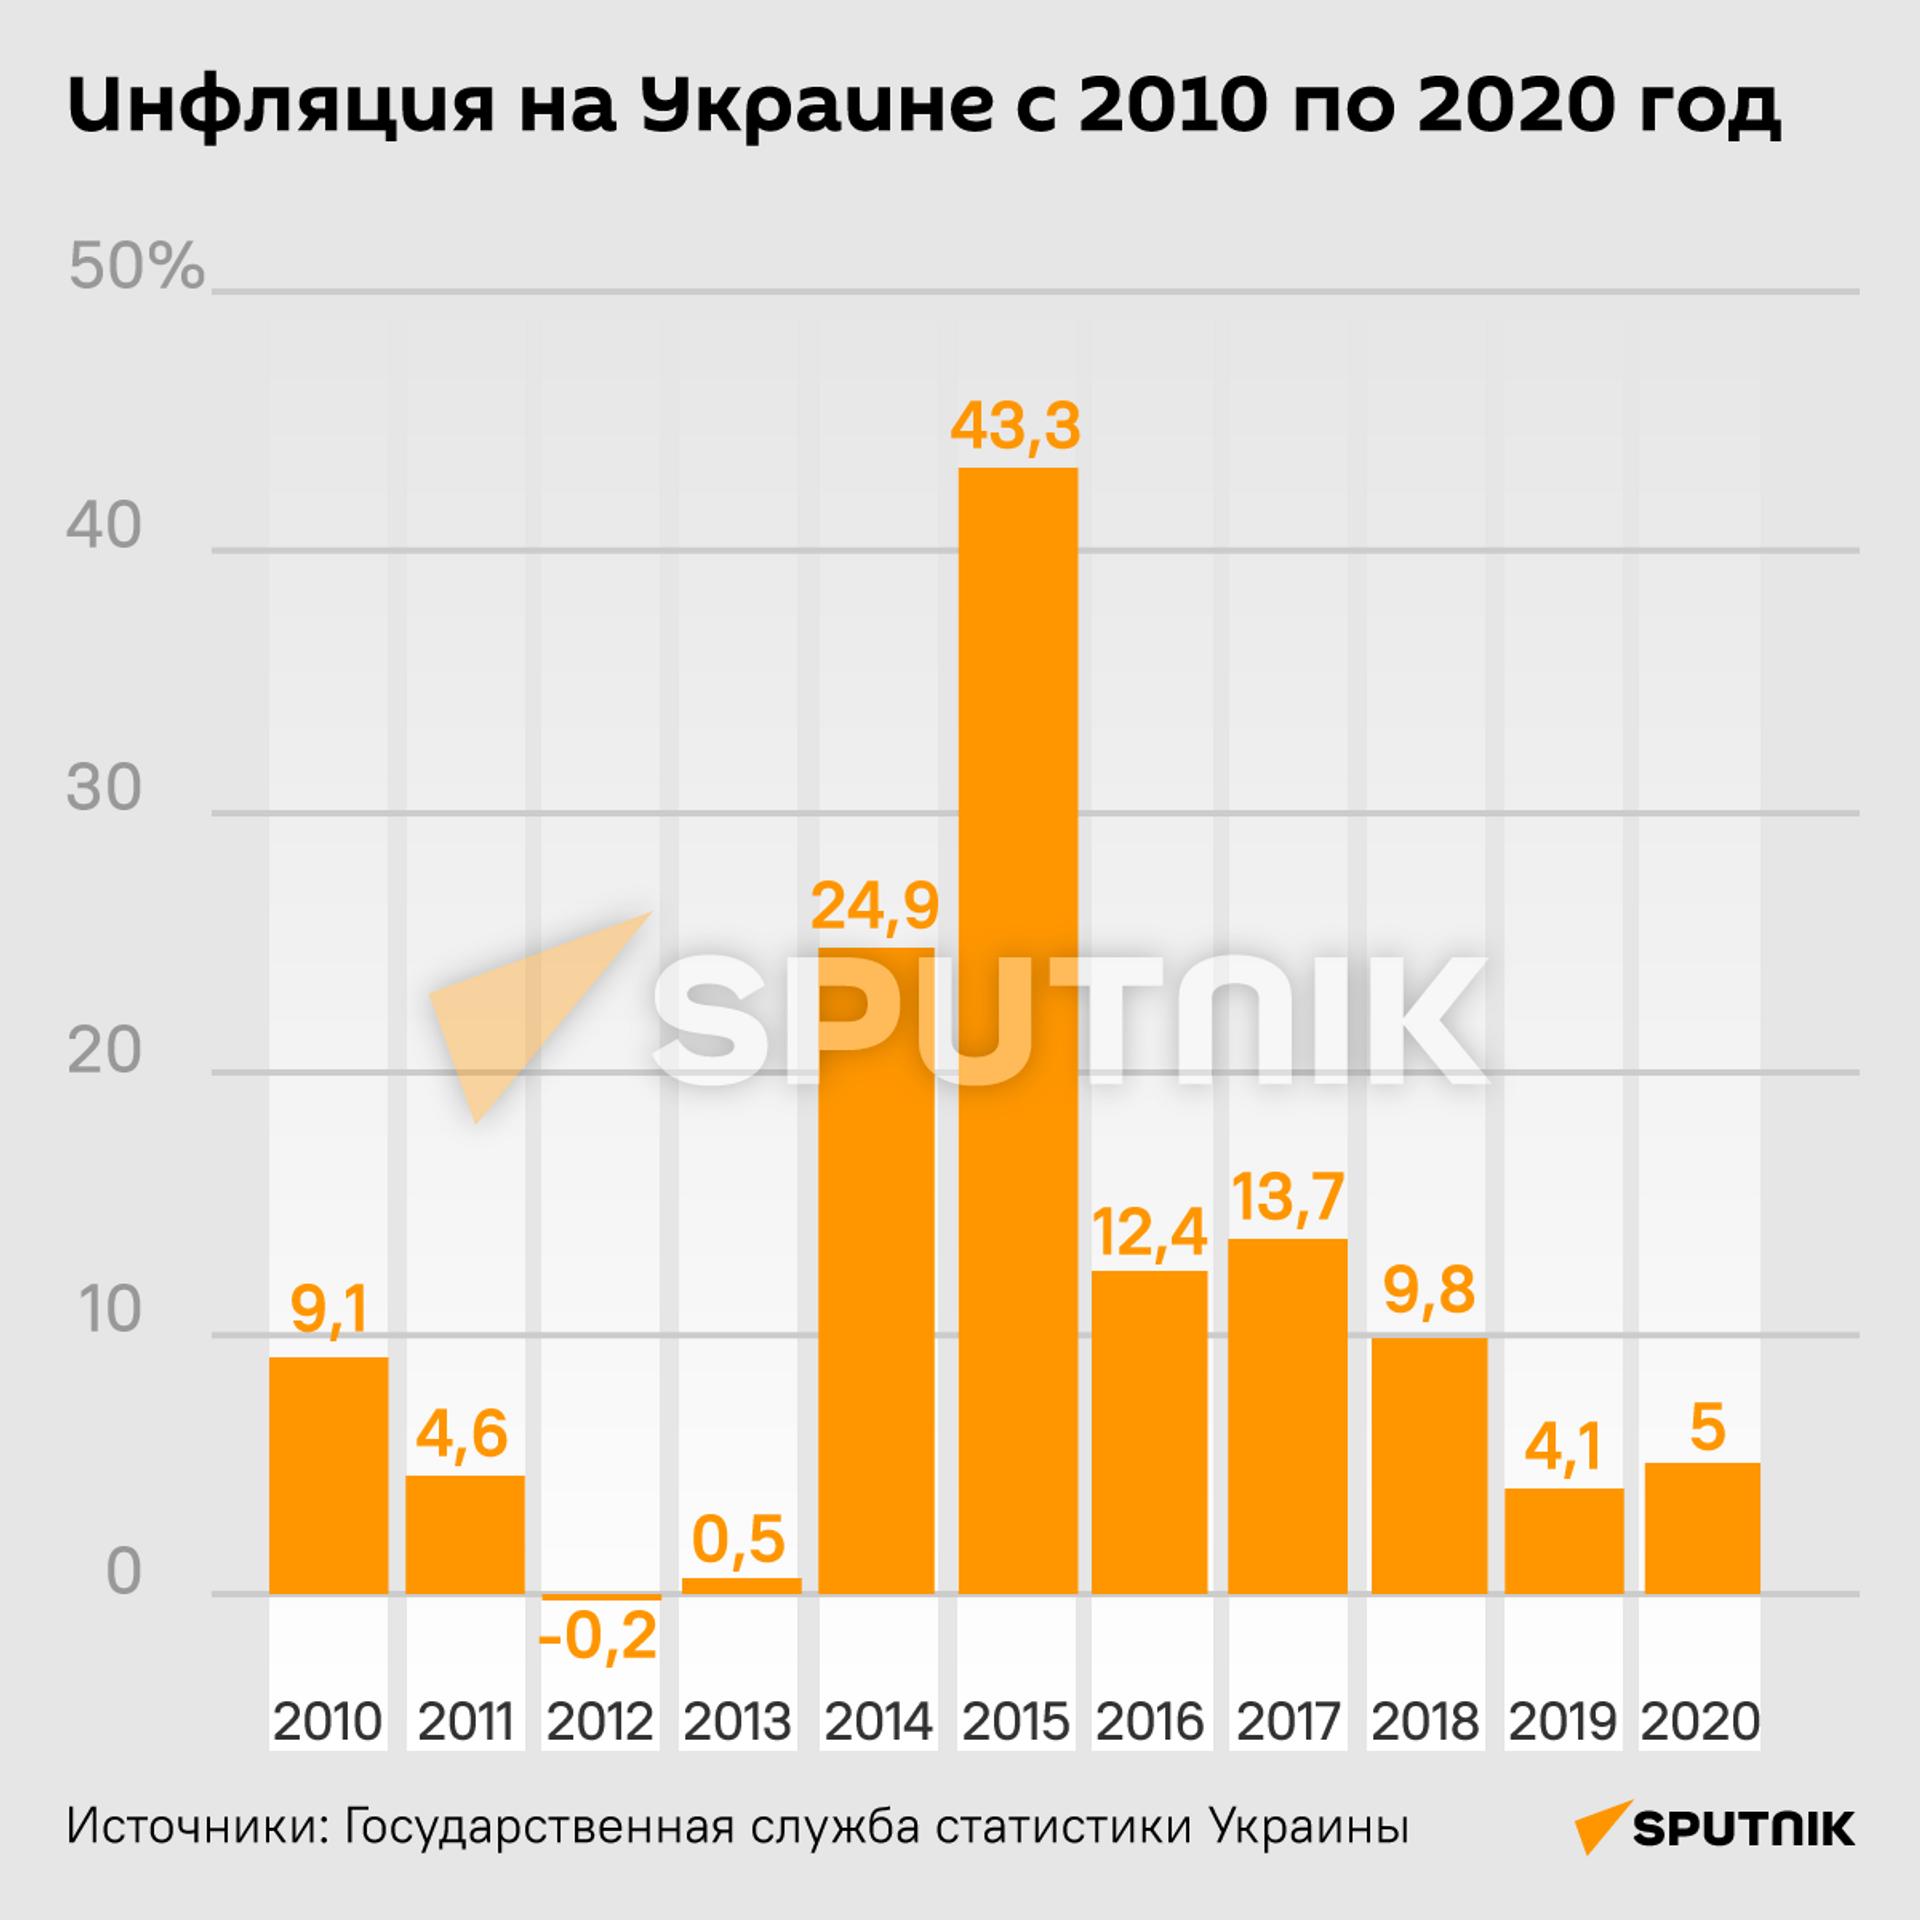 Инфляция на Украине с 2010 по 2020 год - Sputnik Таджикистан, 1920, 19.08.2021